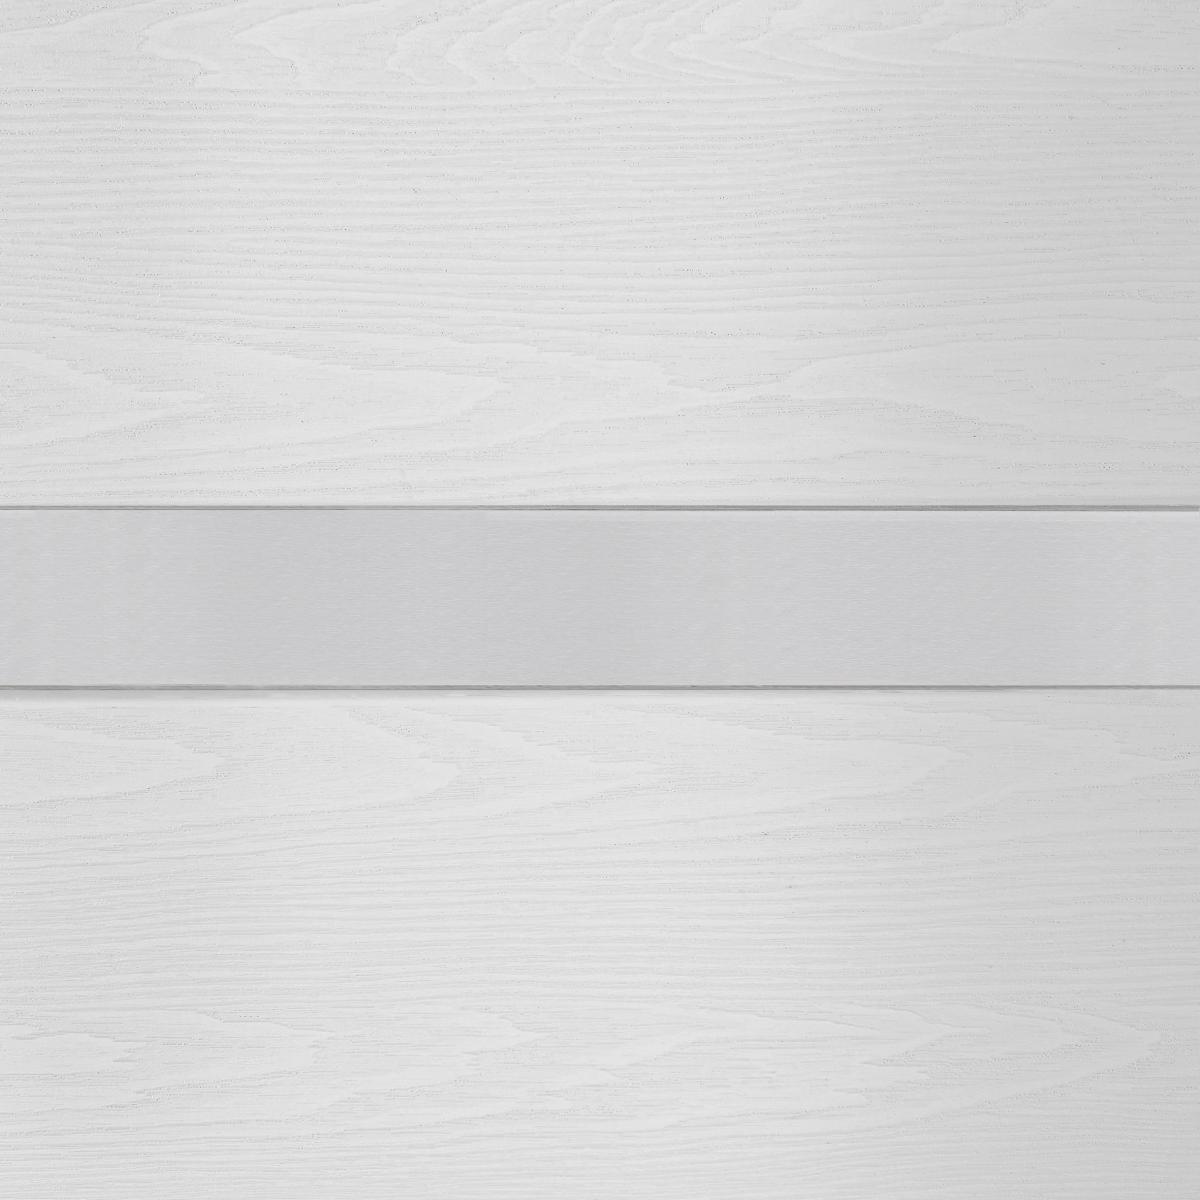 Дверь Межкомнатная Глухая С Замком В Комплекте Белиз 90x200 Пвх Цвет Дуб Белый